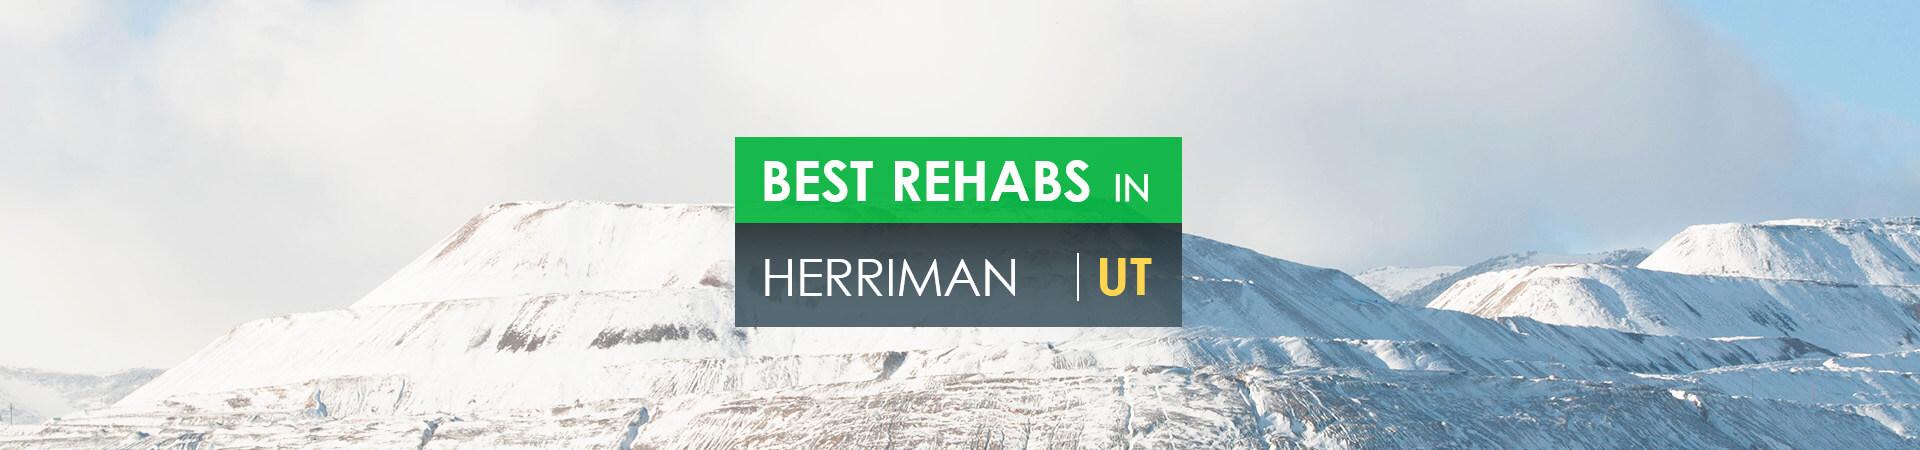 Best rehabs in Herriman, UT